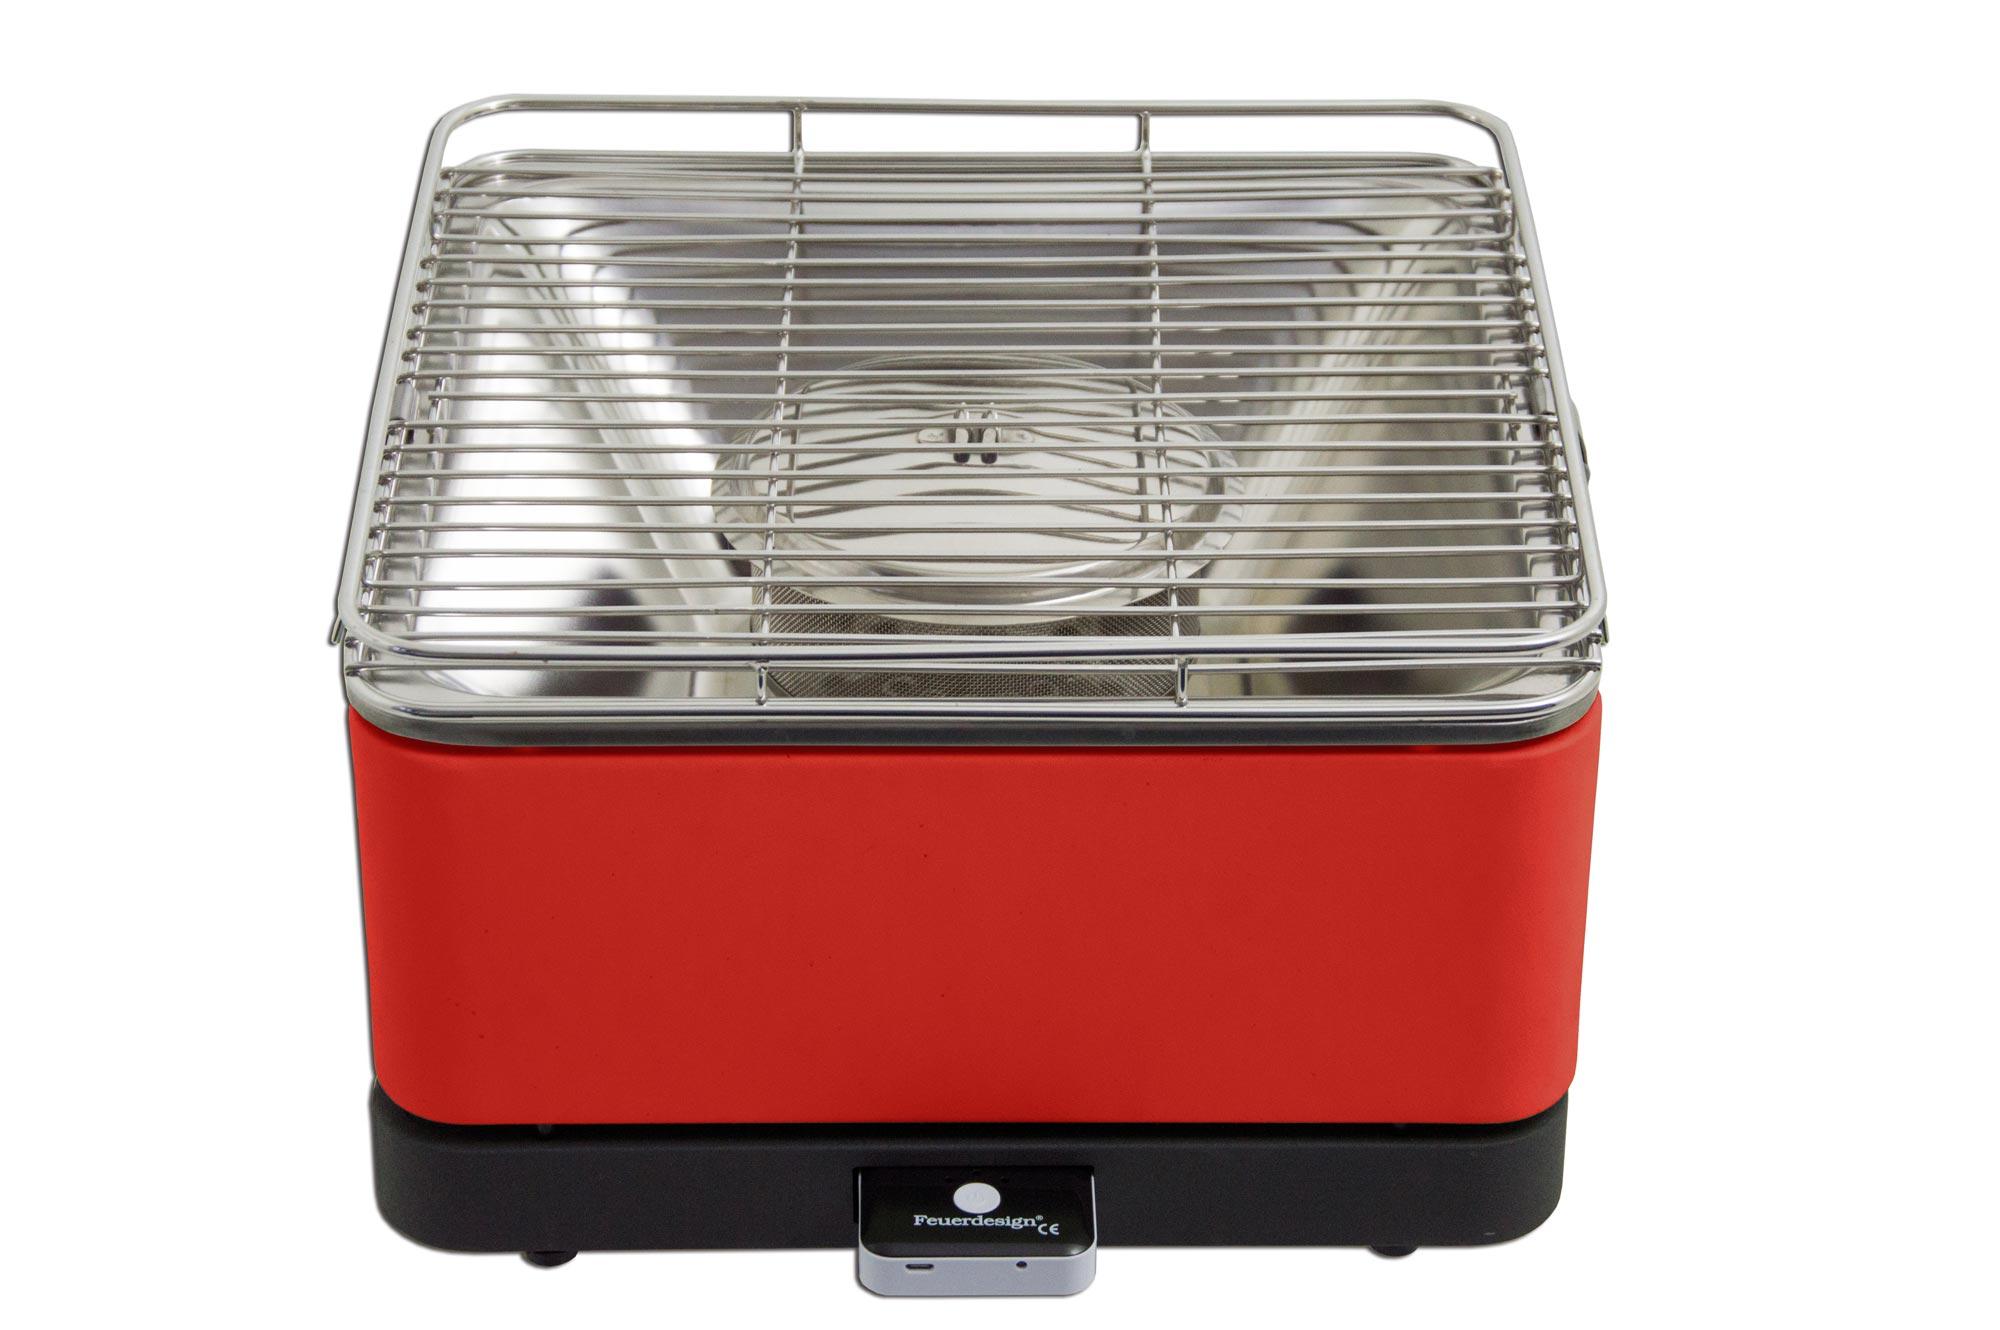 Rauchfreier Holzkohlegrill Vergleich : Rauchfreier grill feuerdesign teide cm rot bei edingershops